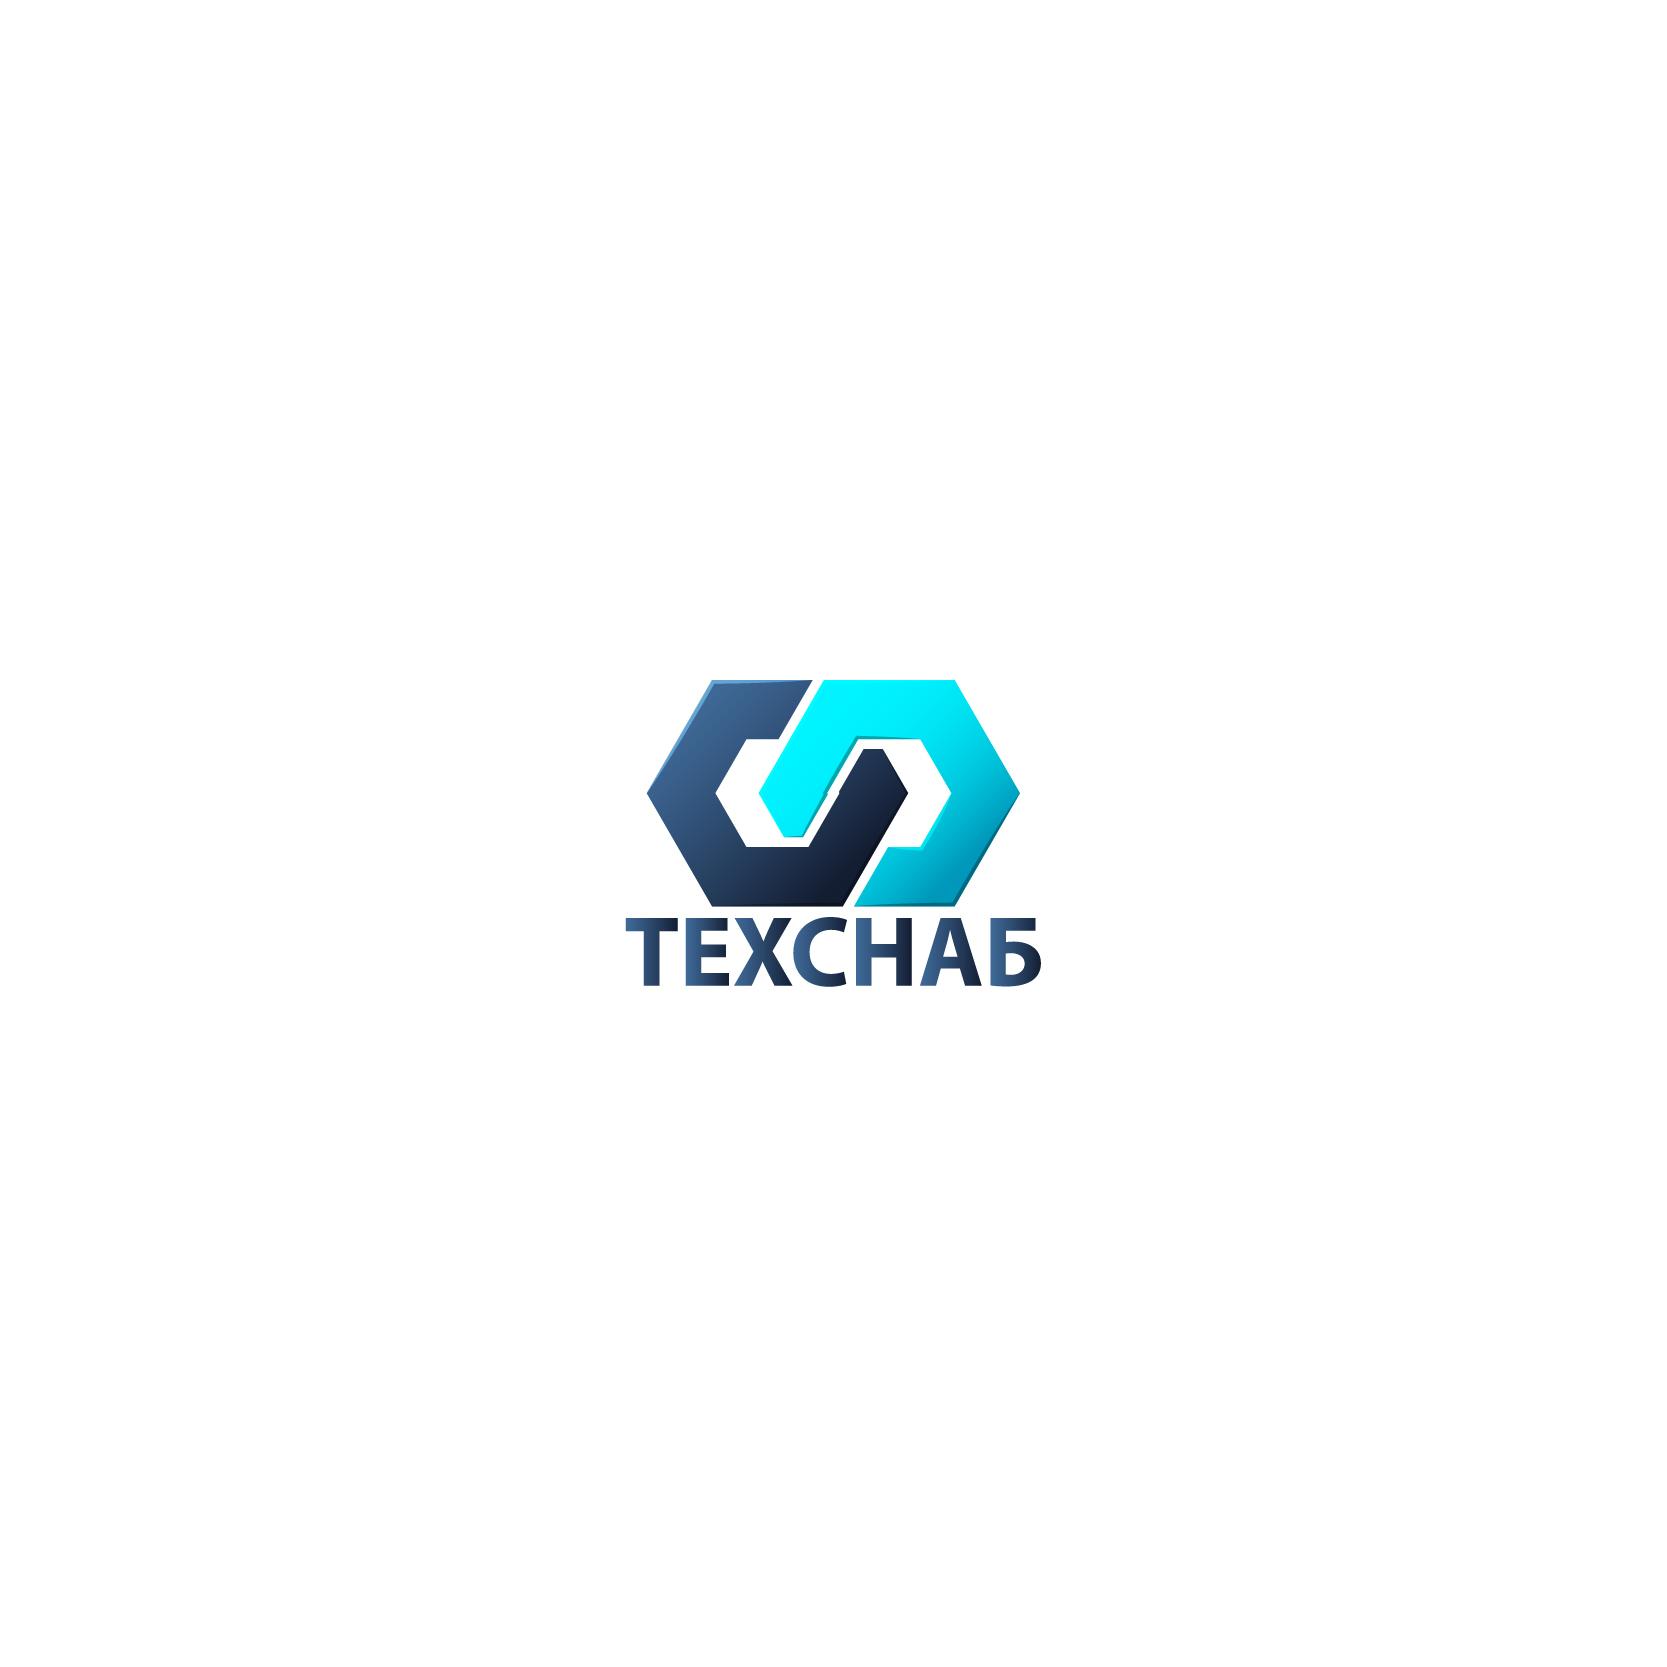 Разработка логотипа и фирм. стиля компании  ТЕХСНАБ фото f_5715b213db289e24.jpg